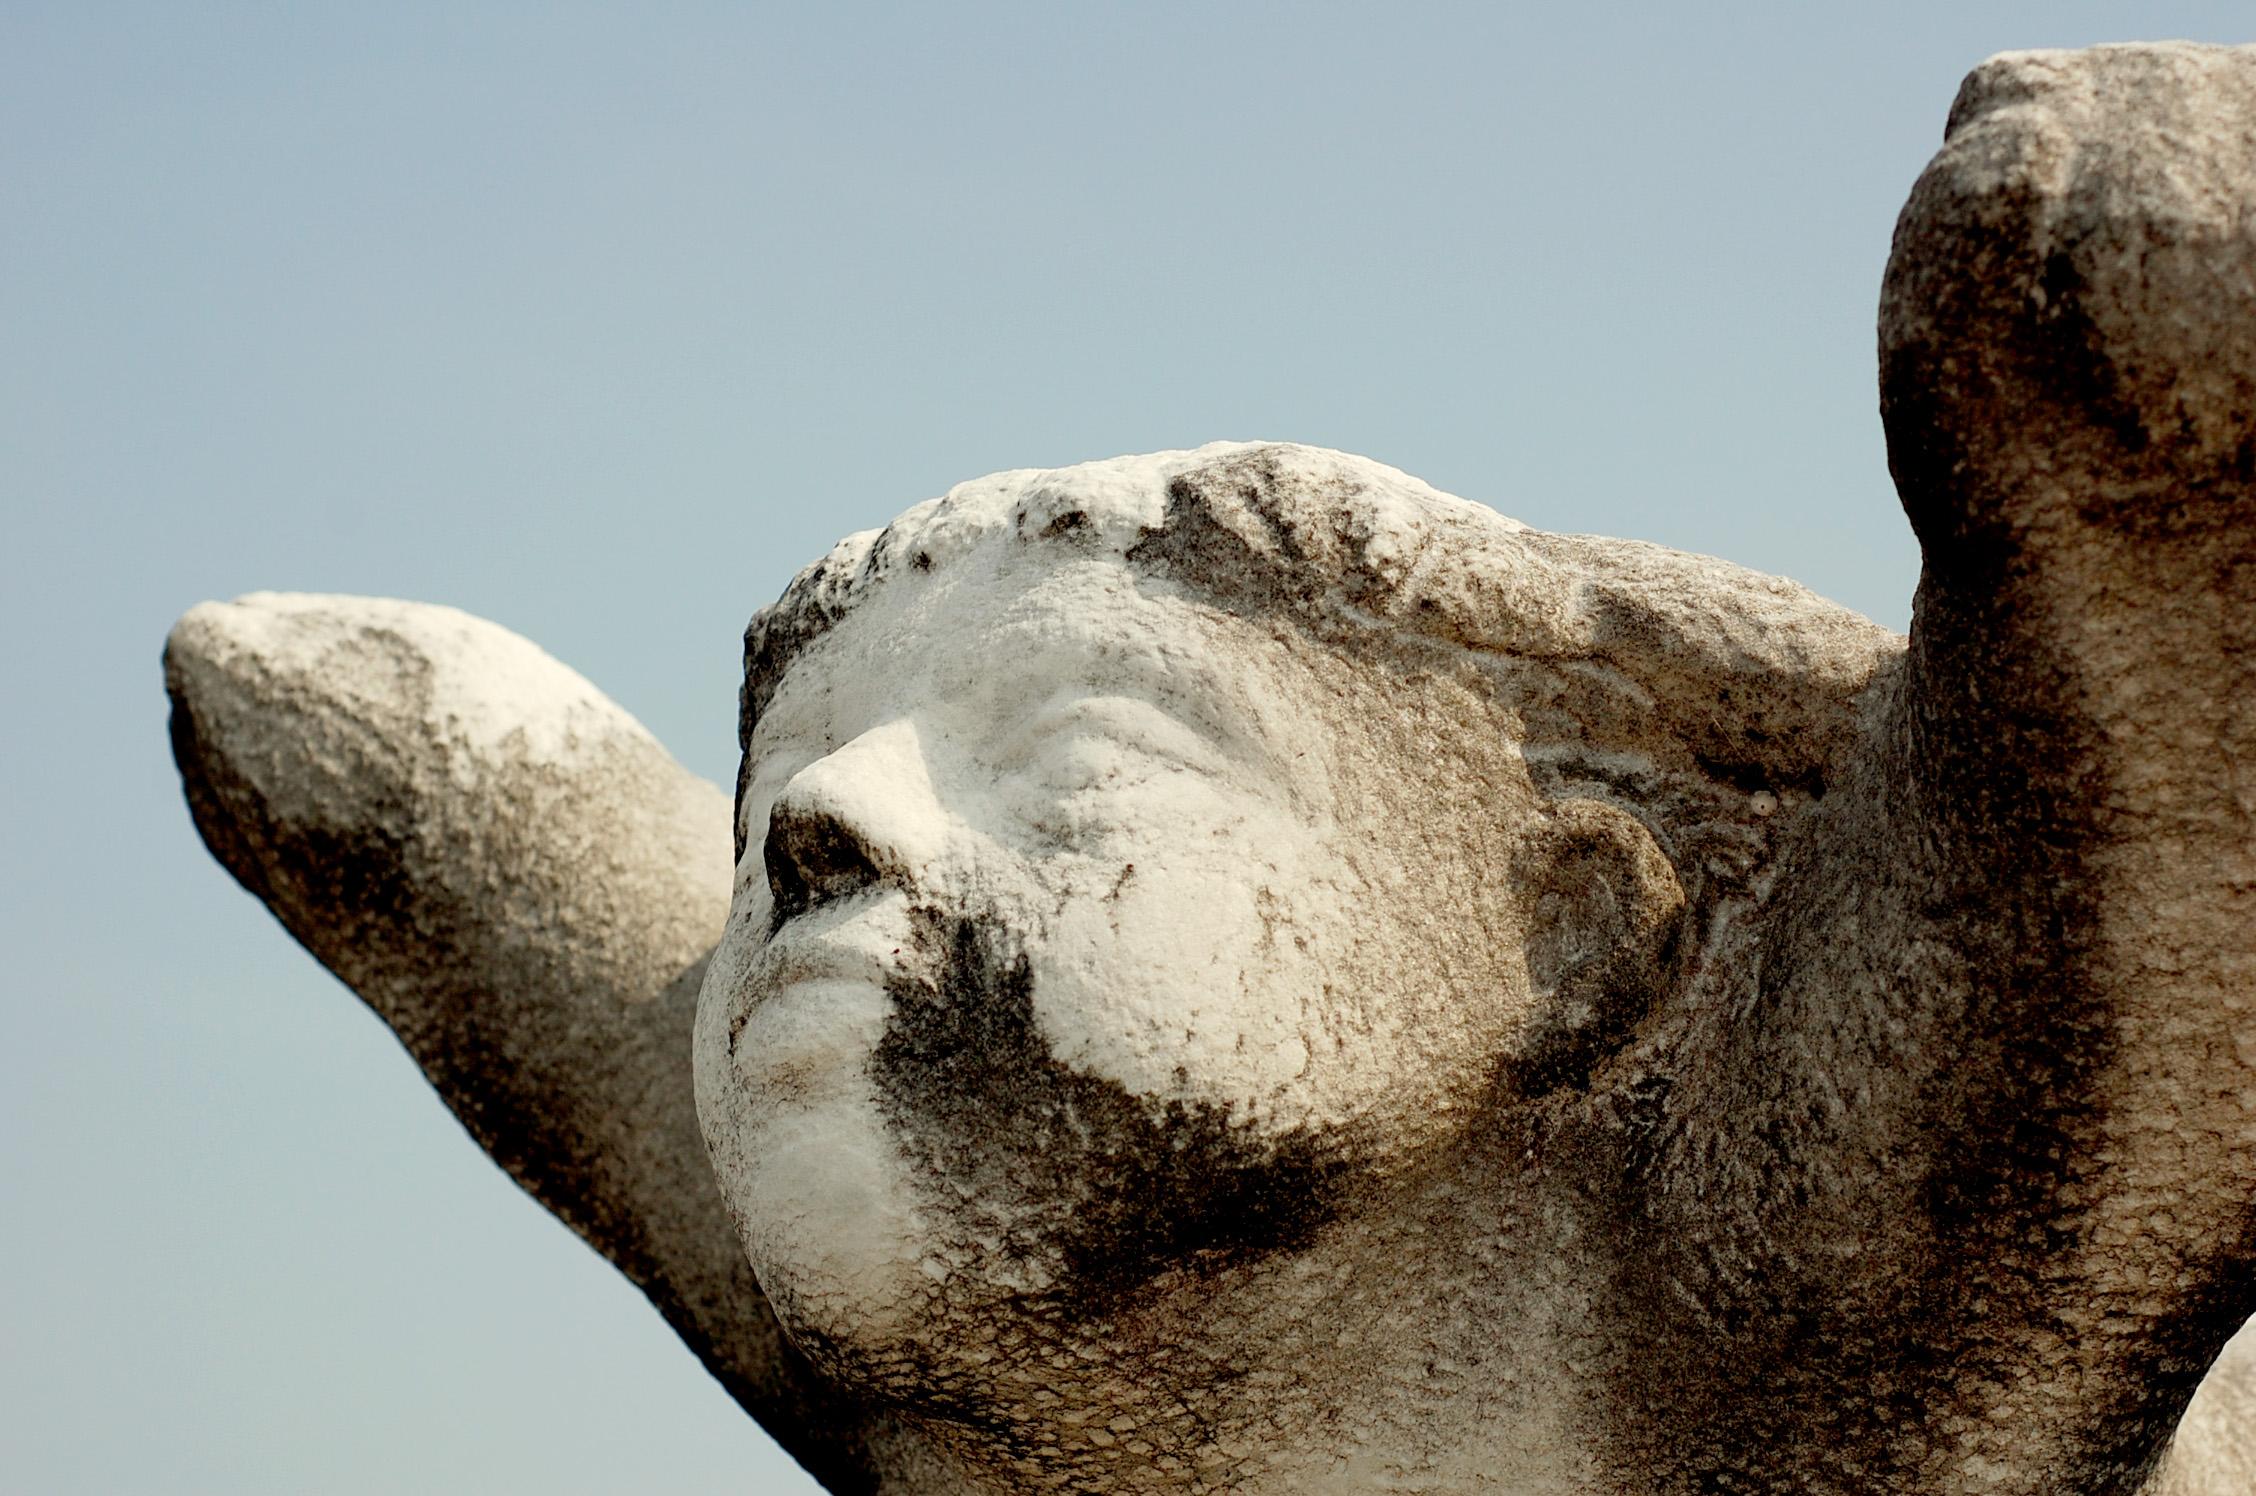 石像 岐阜県可児市 Nikonデジタル一眼レフで撮影 単焦点レンズを使用